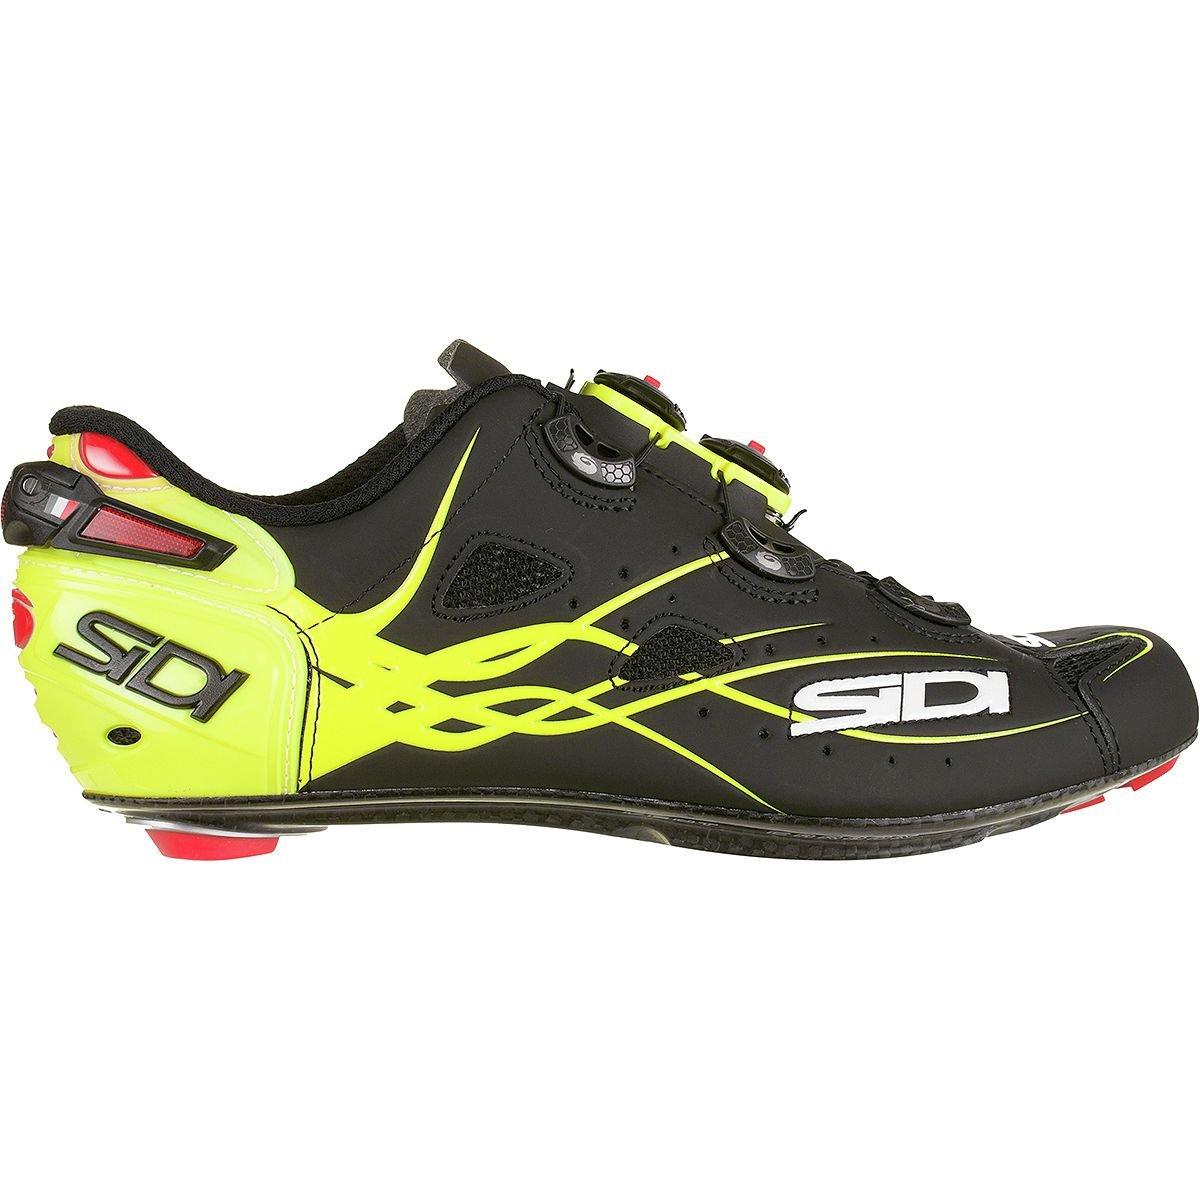 (シディ) Sidi Shot Vent Carbon Cycling Shoe メンズ ロードバイクシューズFlo Yellow/Matte Black [並行輸入品] B07G74YR62 日本サイズ 28.5cm (44)|Flo Yellow/Matte Black Flo Yellow/Matte Black 日本サイズ 28.5cm (44)